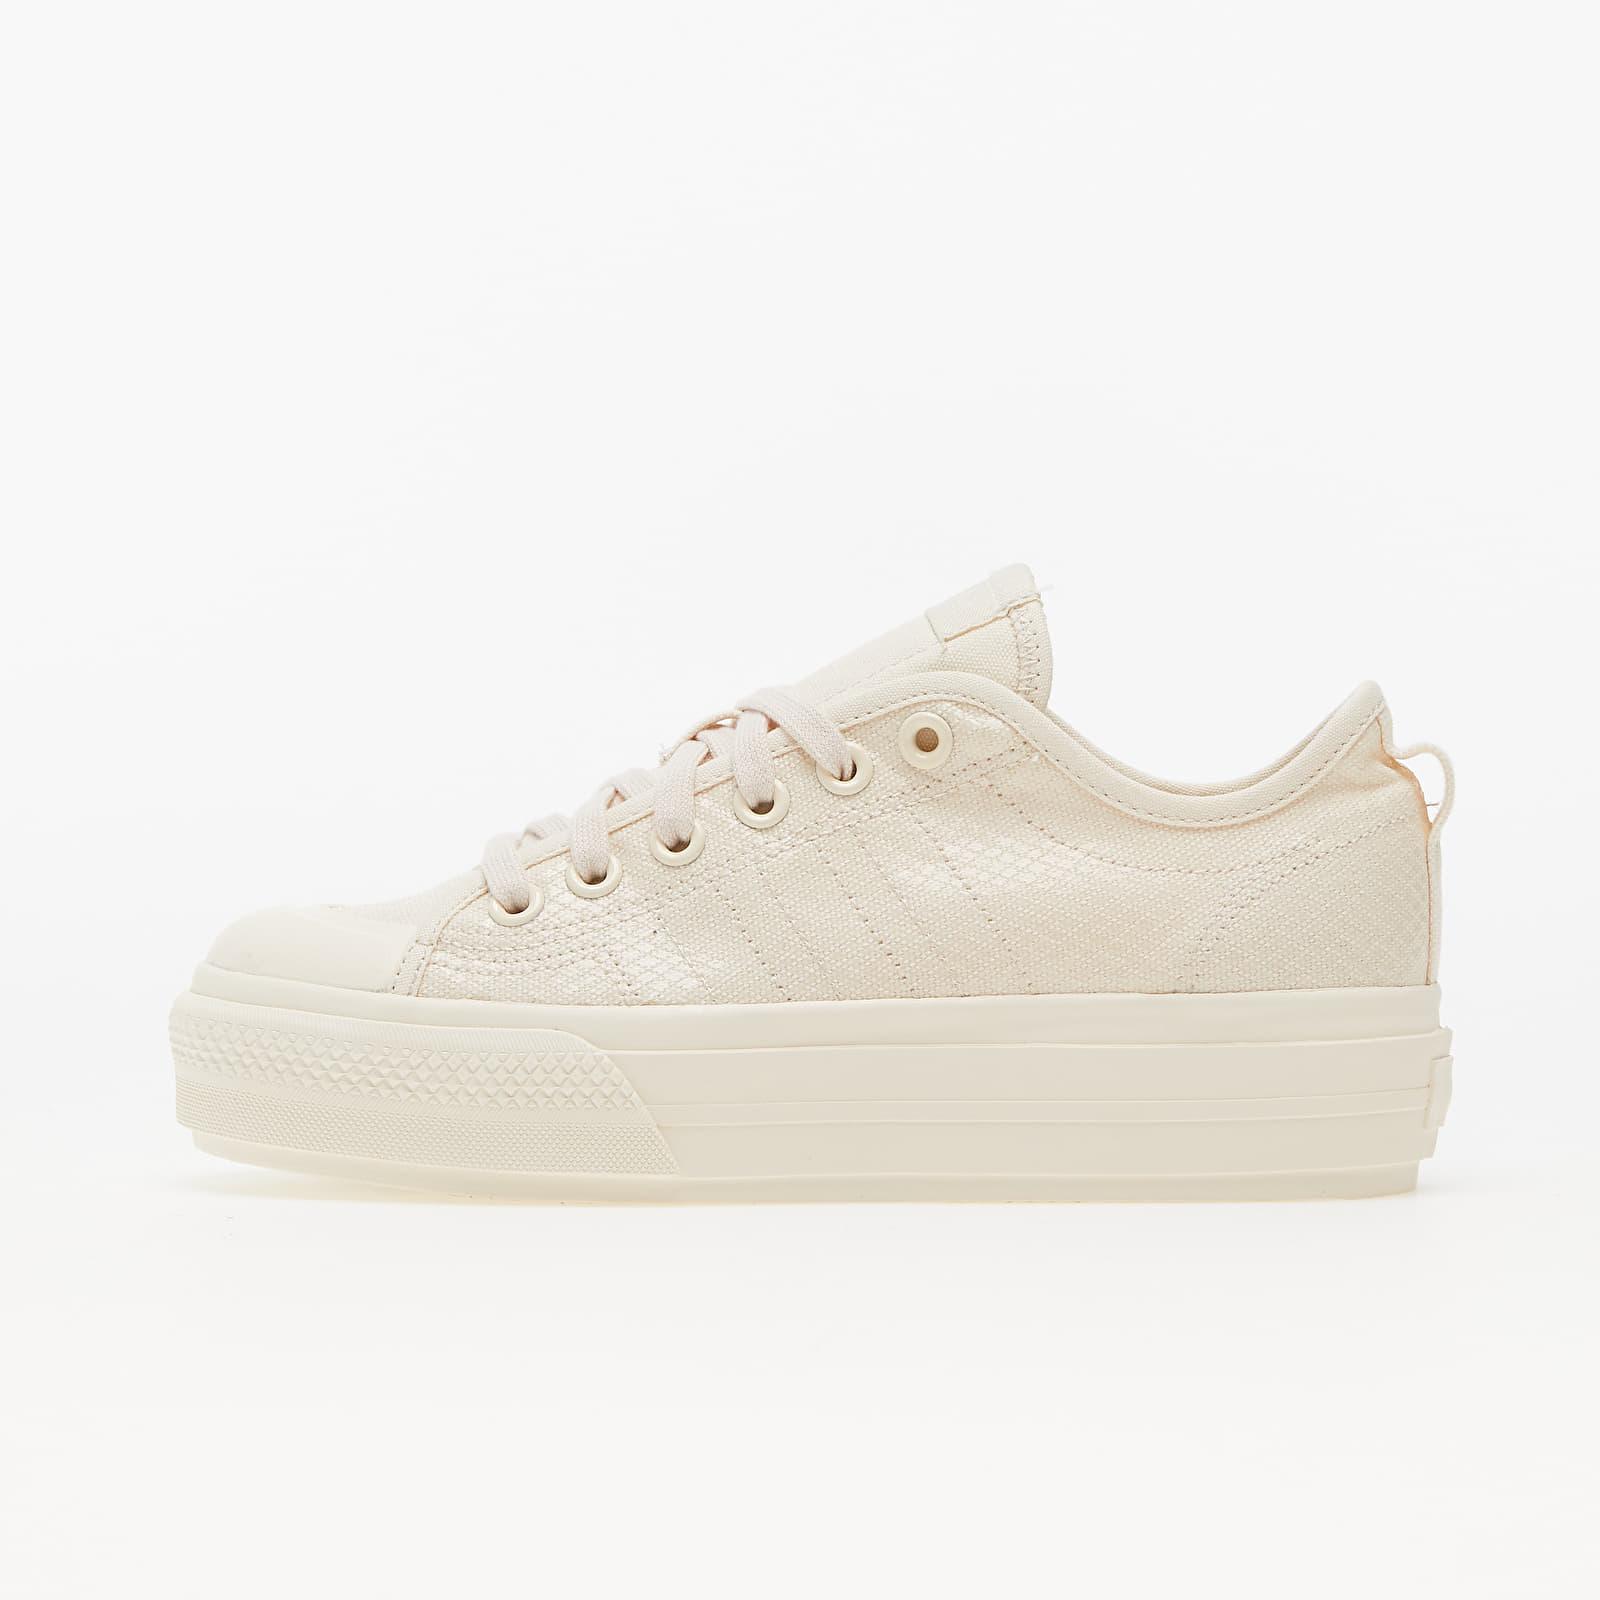 adidas Nizza RF Platform W Worn White/ Worn White/ Core White EUR 40